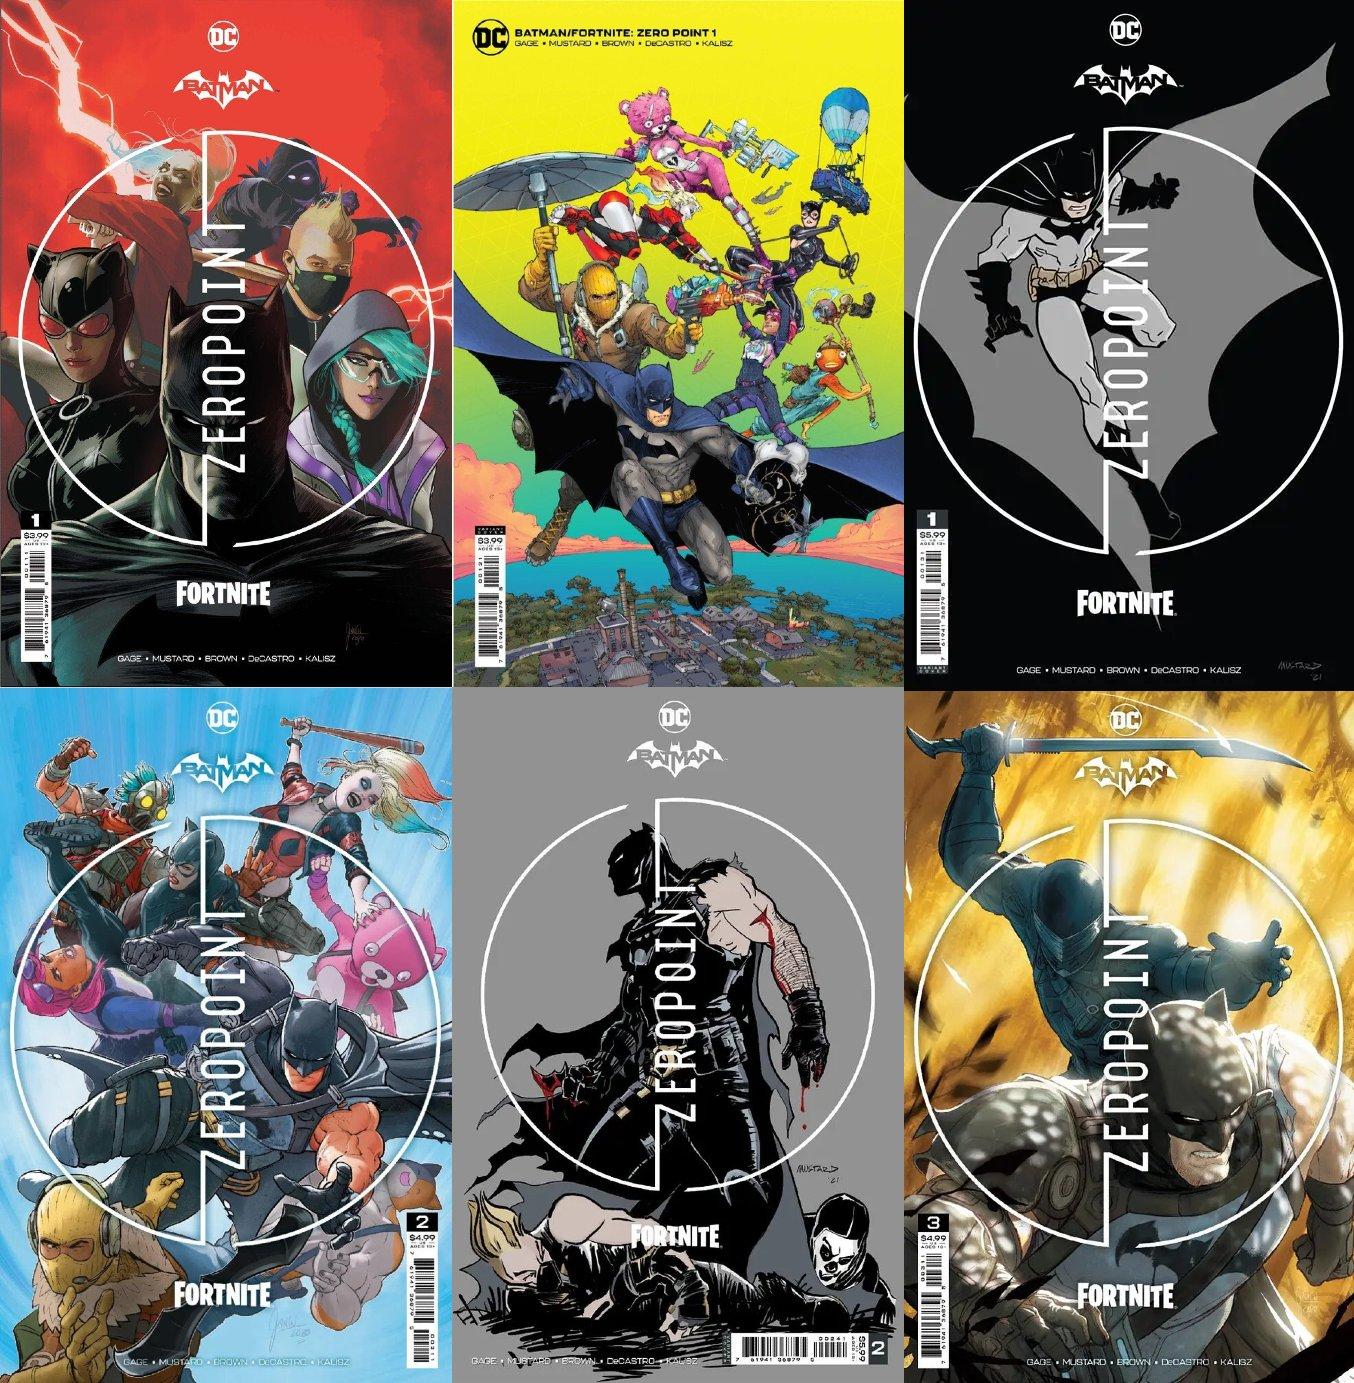 Дефстроука стал наградой за 4 комикс фортнайт - Самус Аран из Metroid может появиться в фортнайт